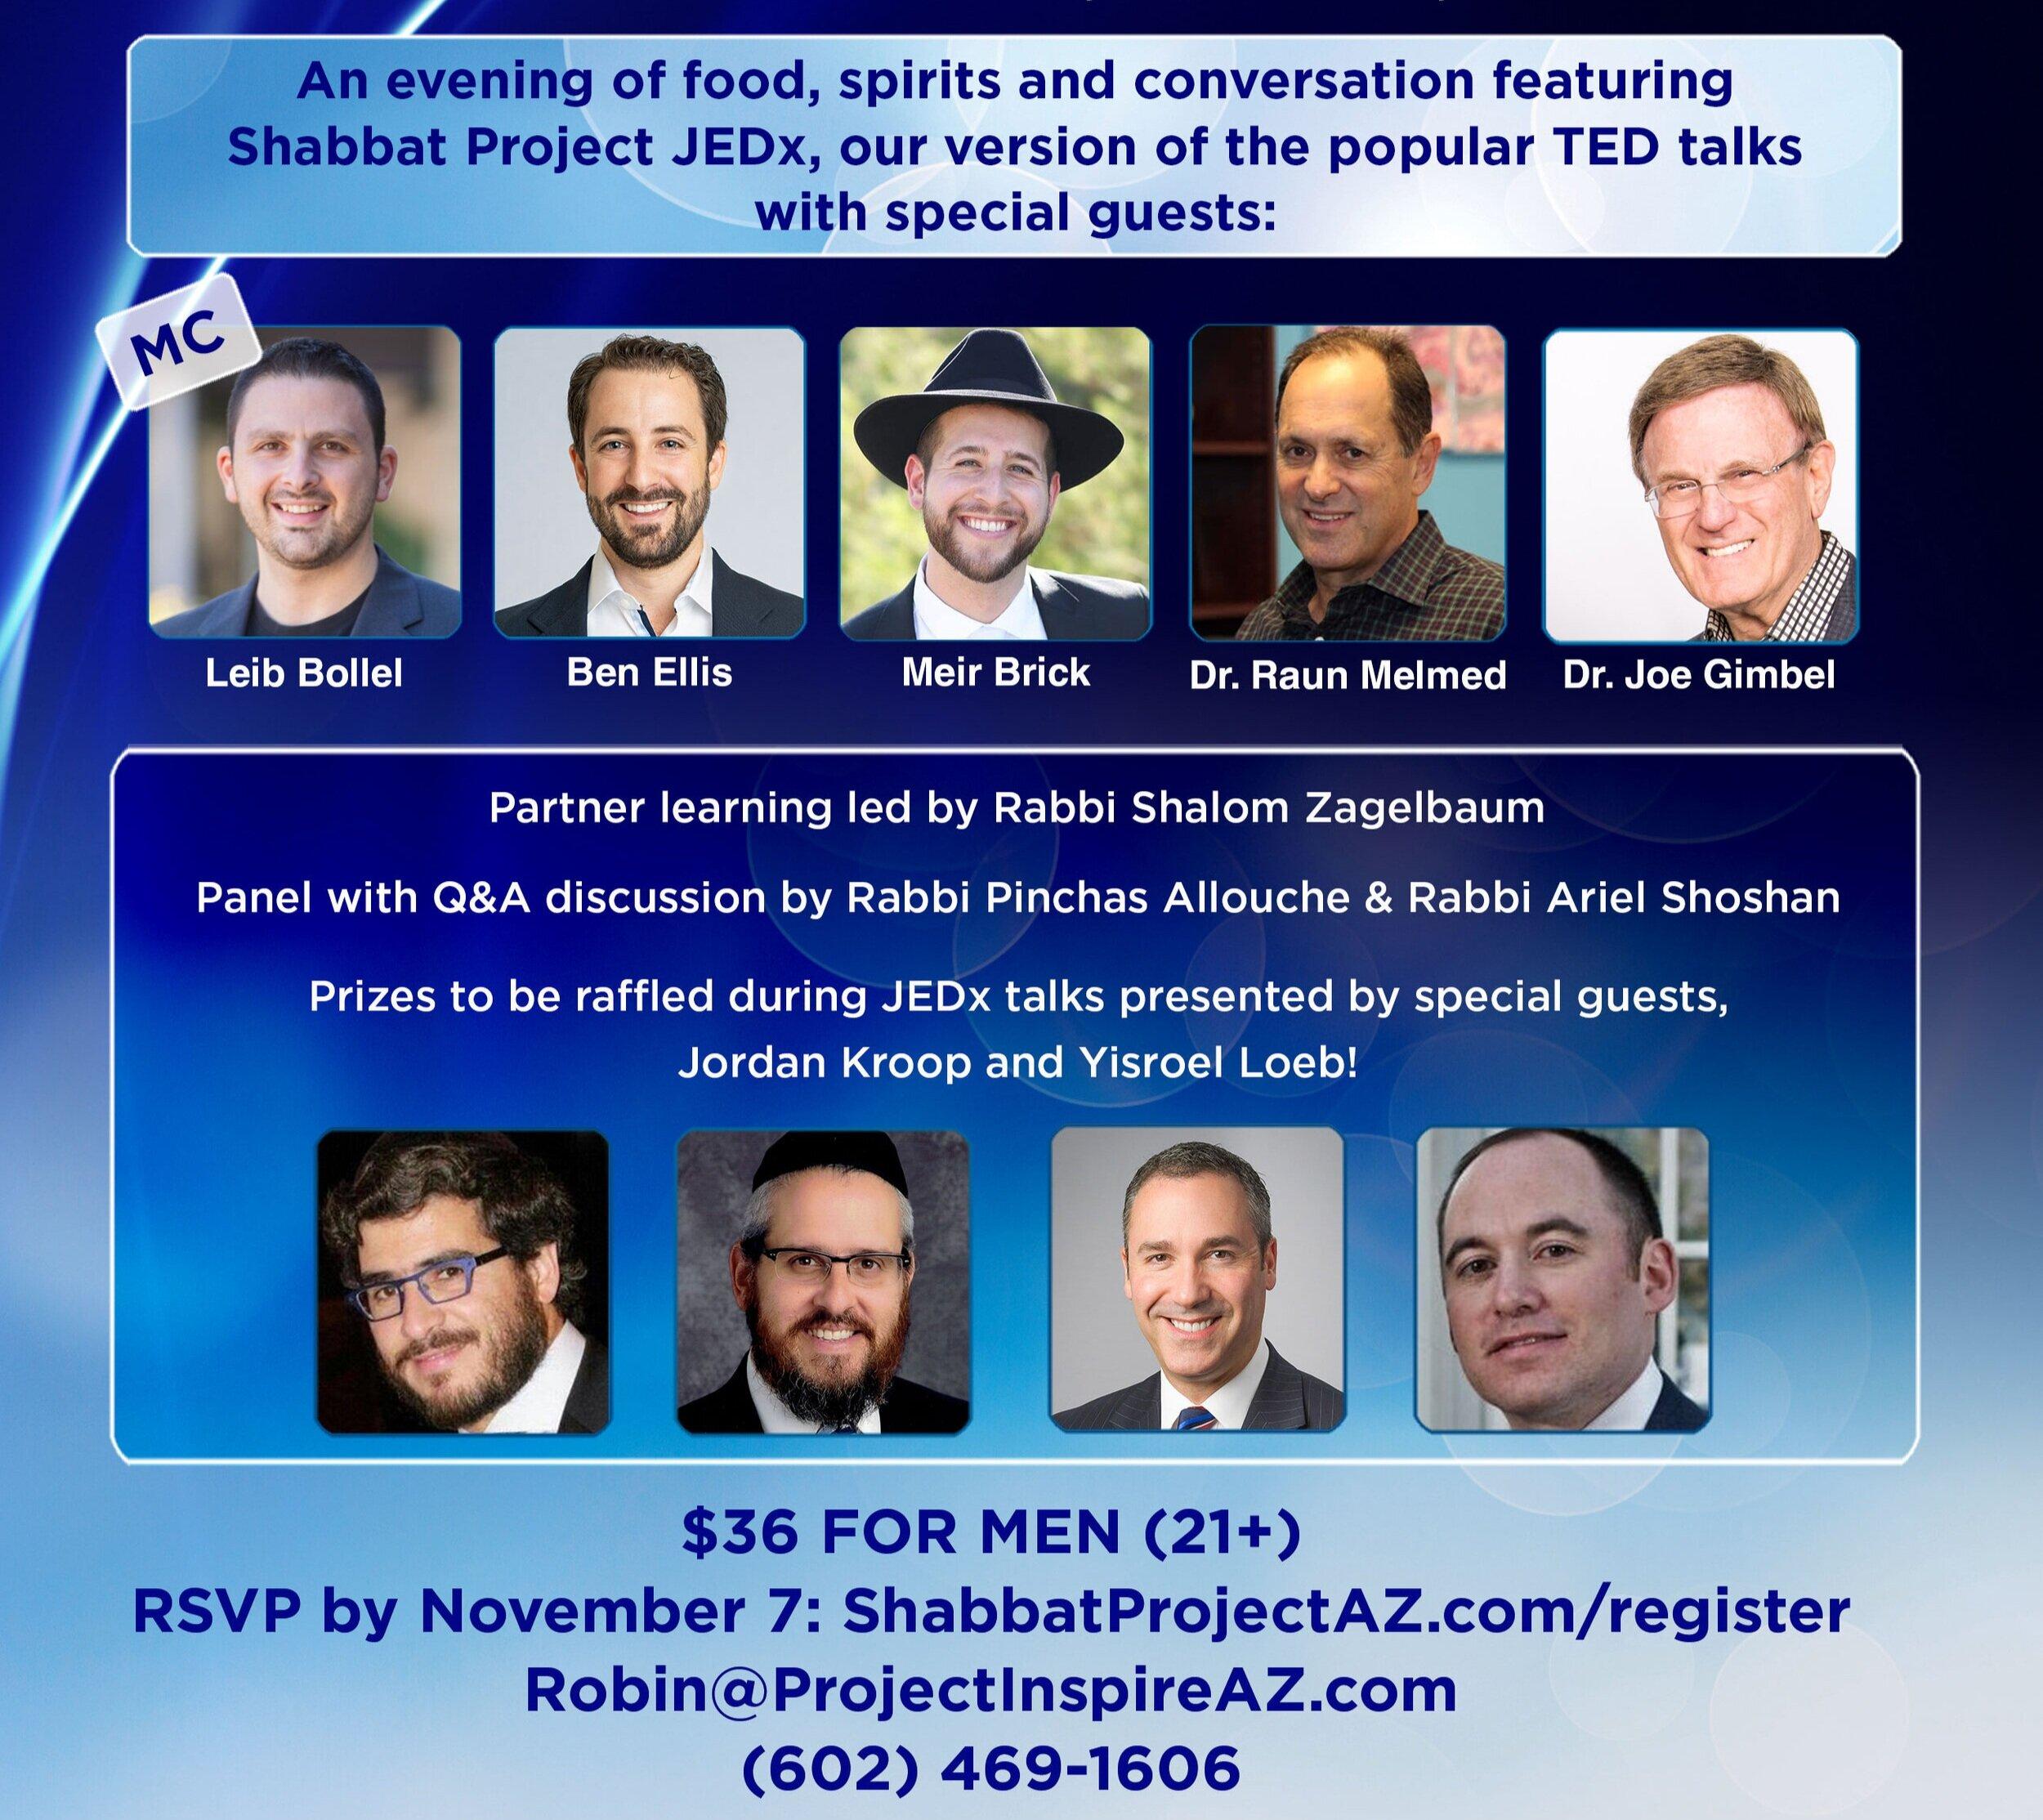 The_Great_AZ_Mens_Event_FINAL_WEB.jpg